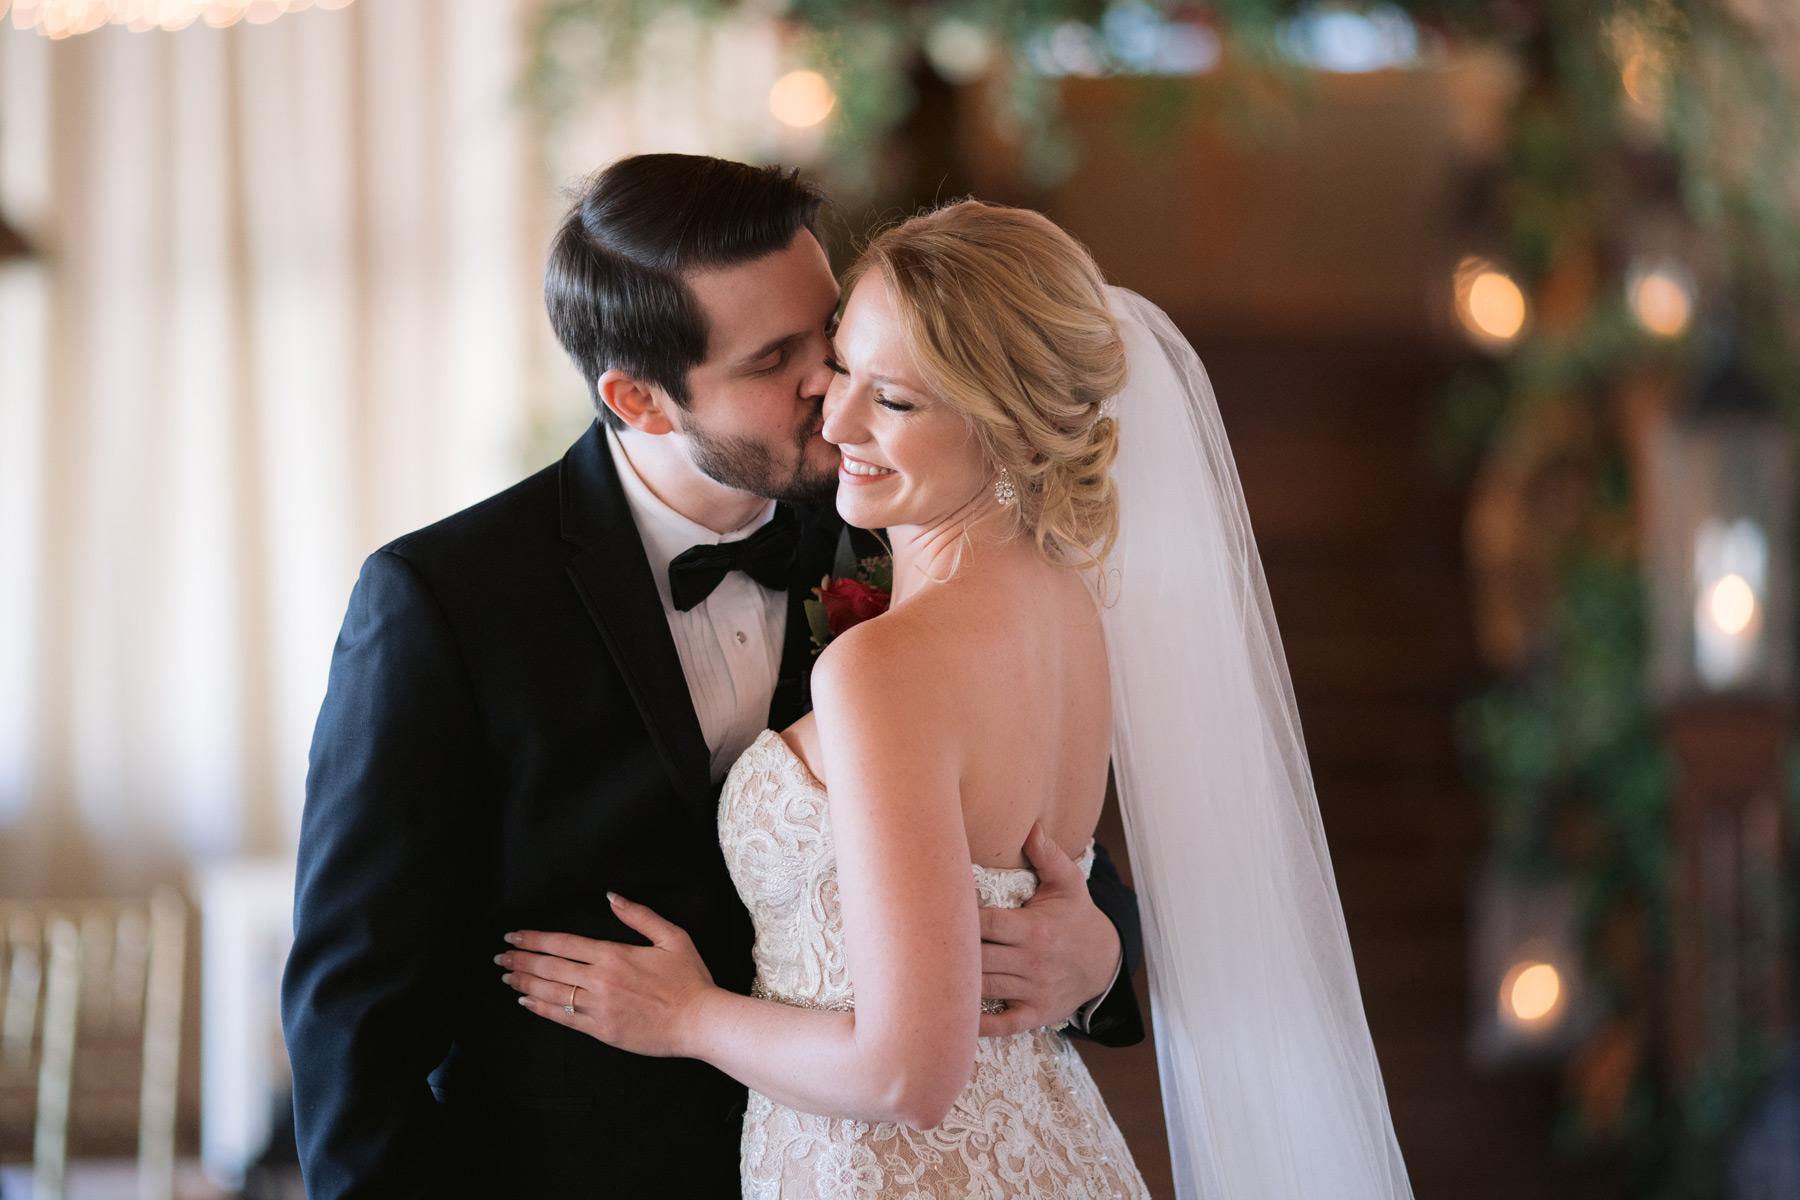 Summerour-Wedding-Atlanta-1222-0025